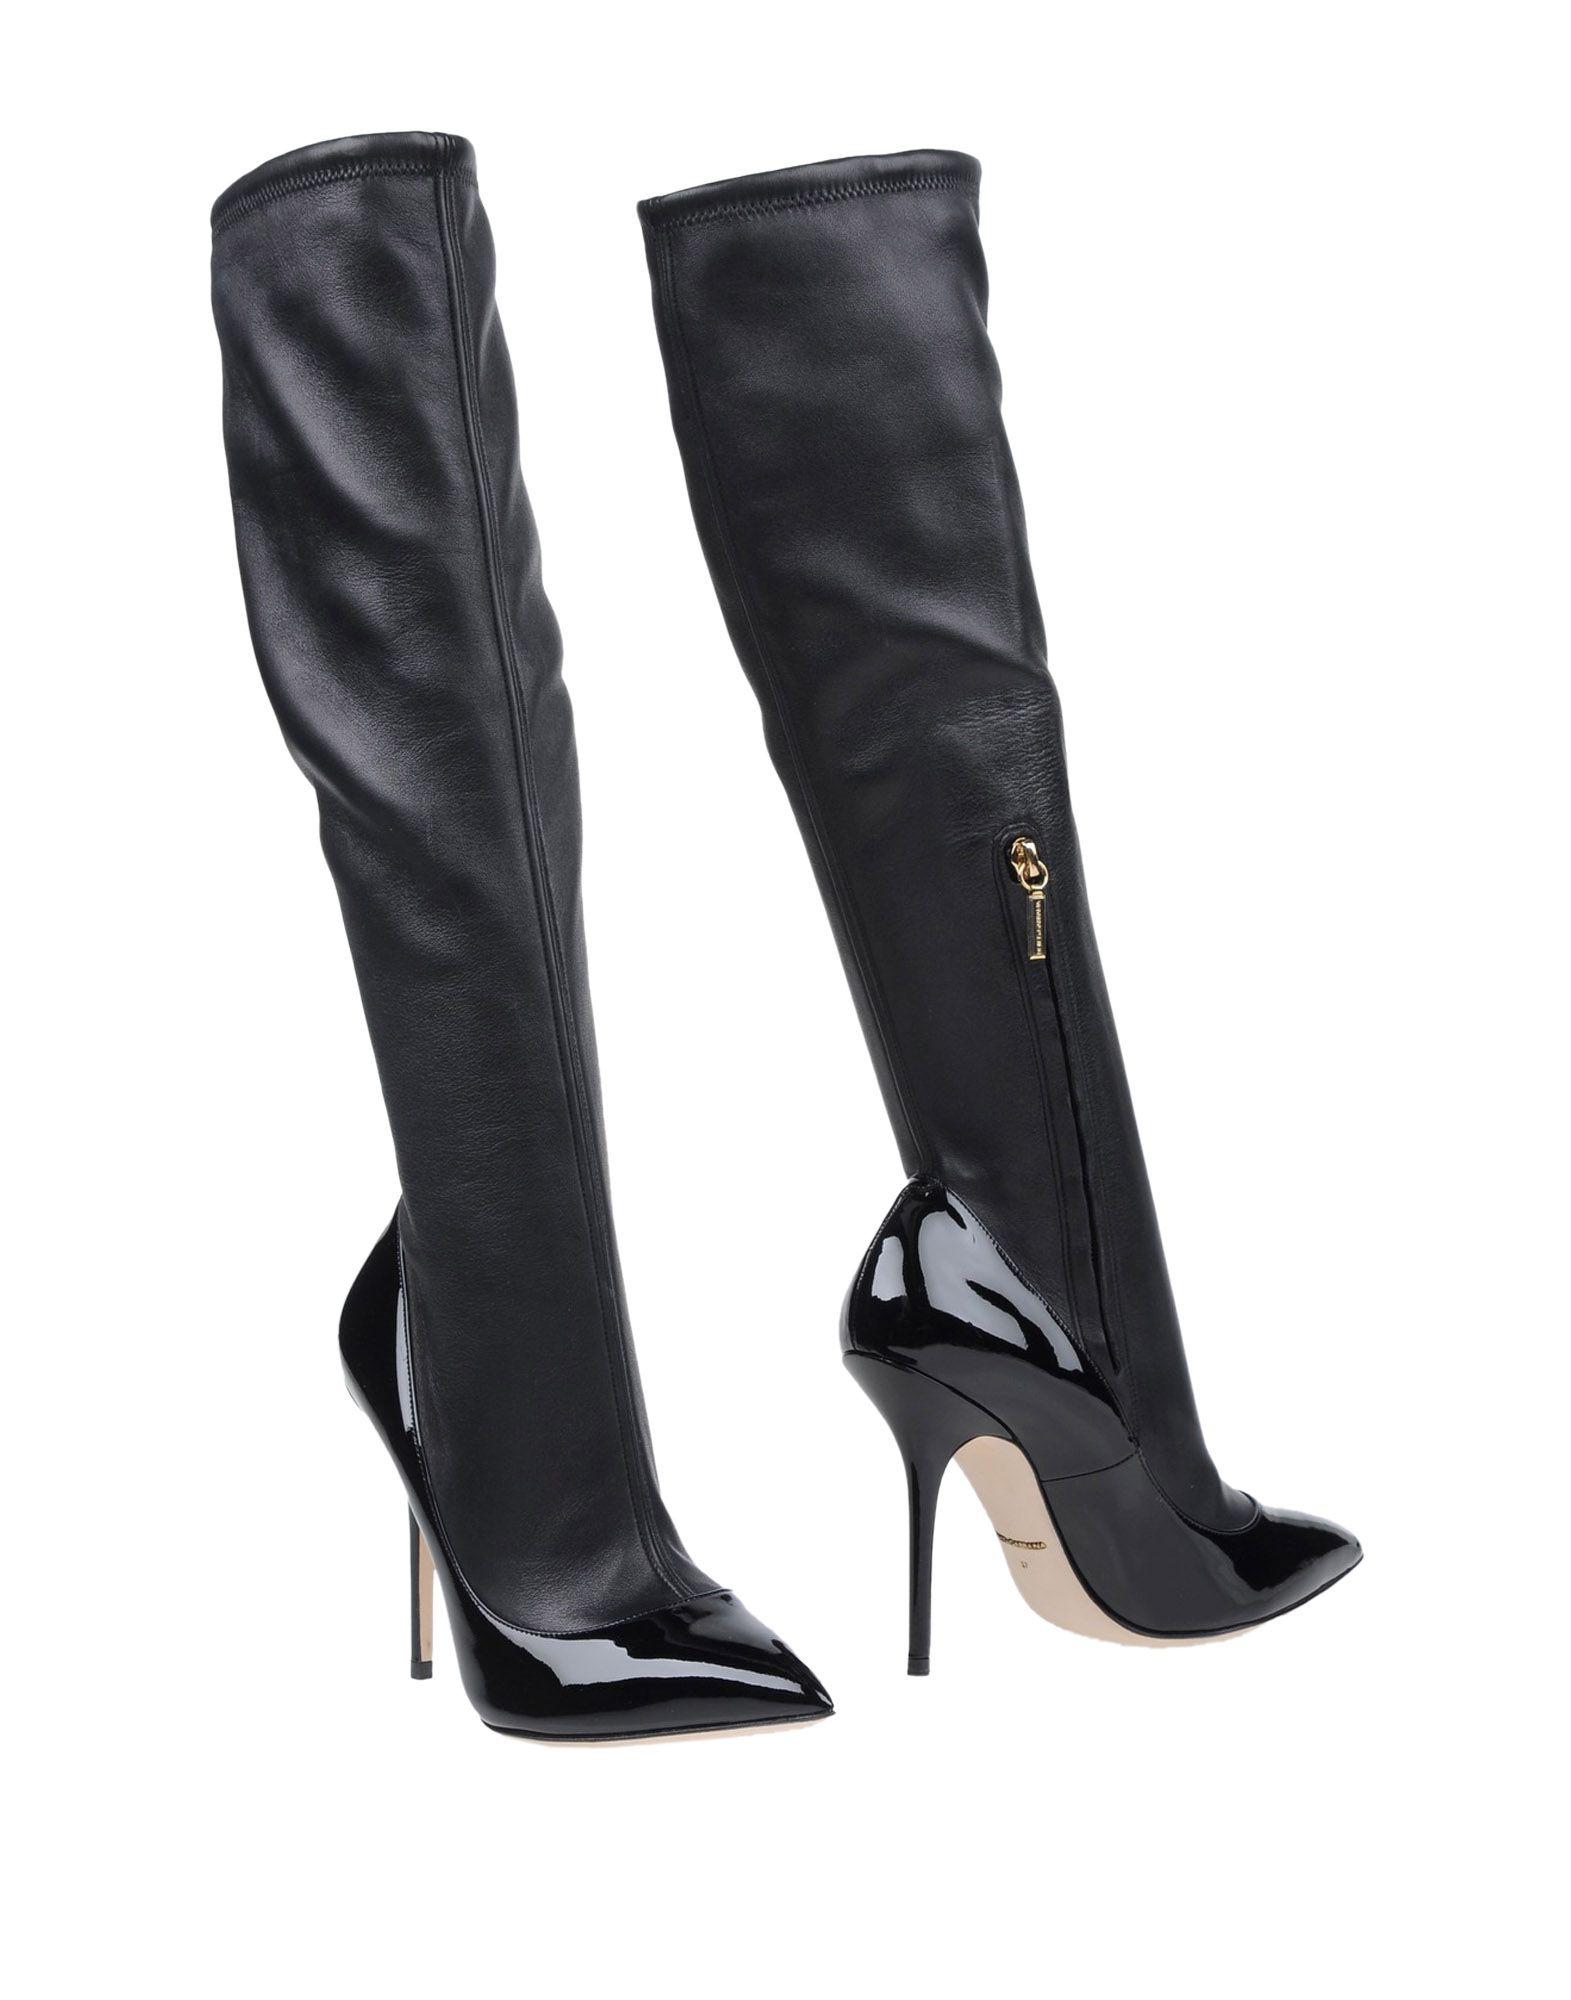 Dolce & 11045870QGGünstige Gabbana Stiefel Damen  11045870QGGünstige & gut aussehende Schuhe e2d785